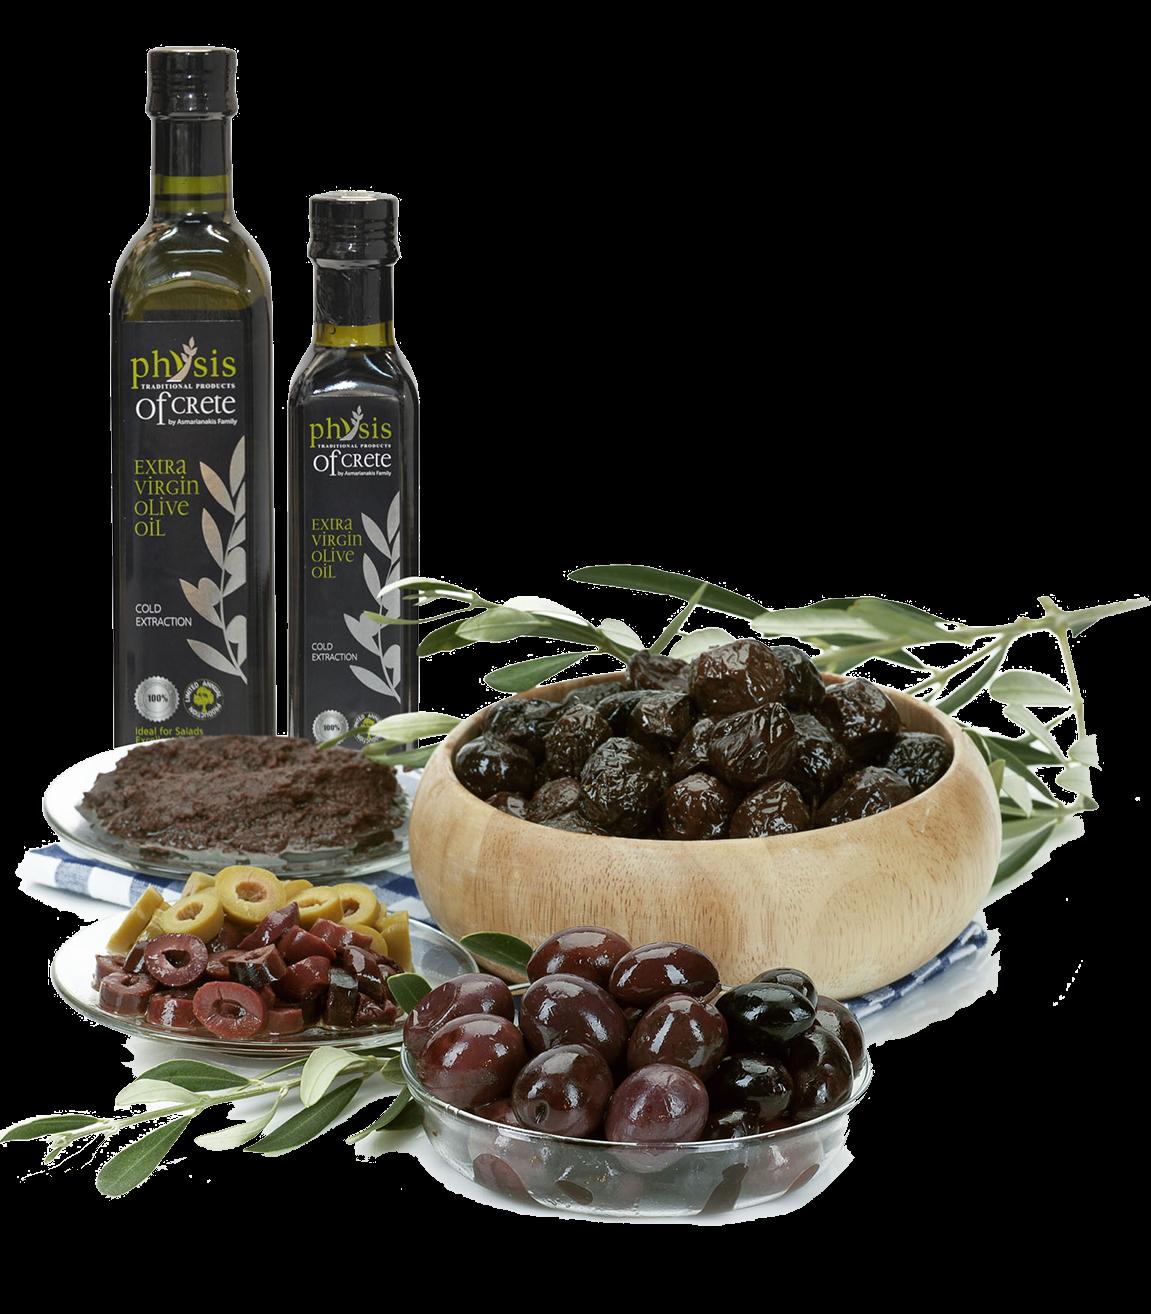 Řecké olivové oleje a delikatesy z Kréty